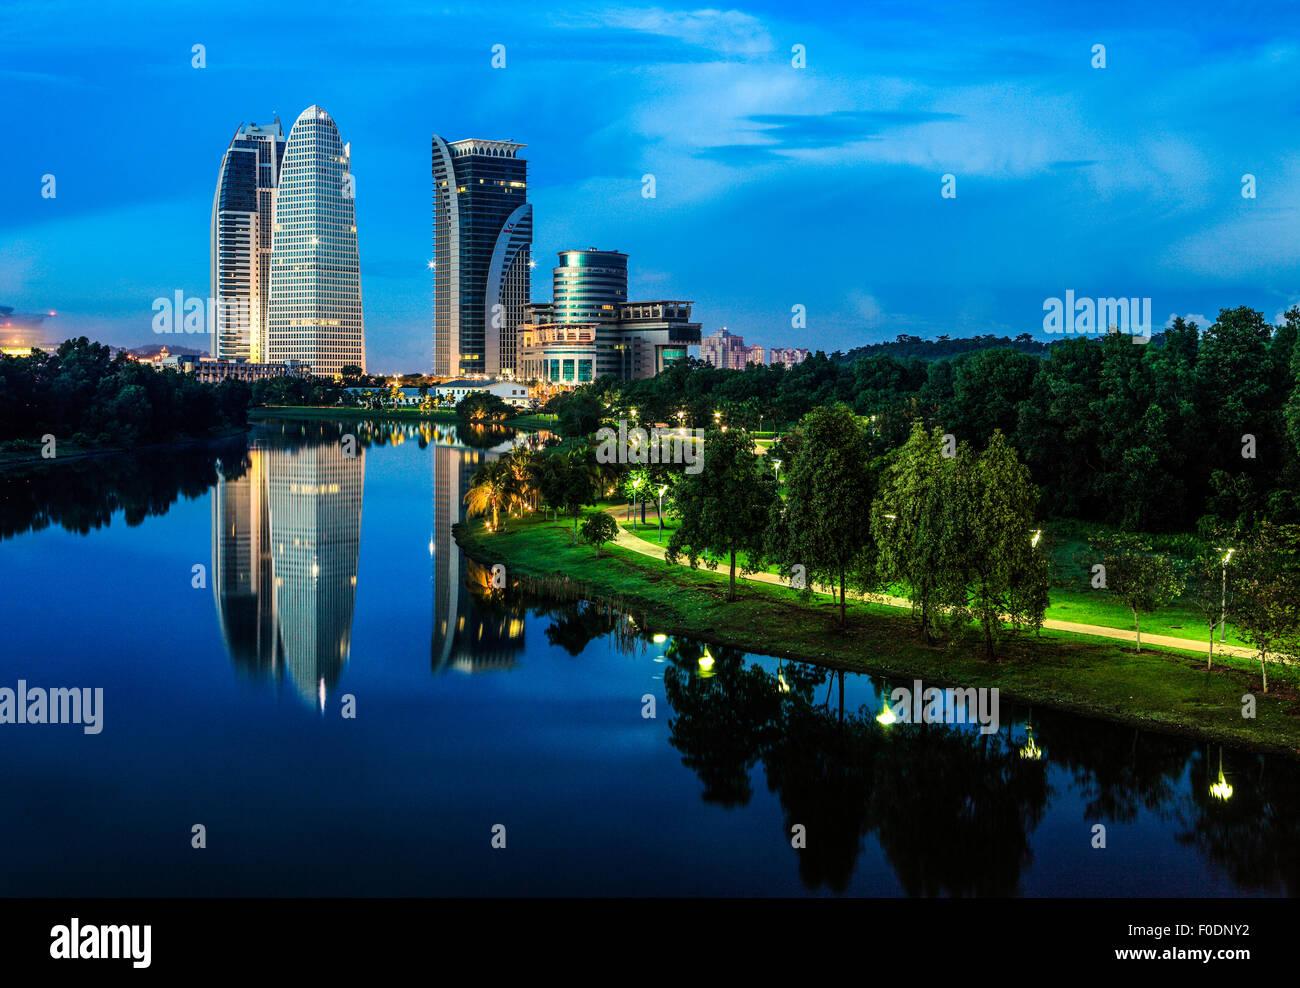 Putrajaya - Le gouvernement de la Malaisie capitale pendant le crépuscule. Photo Stock